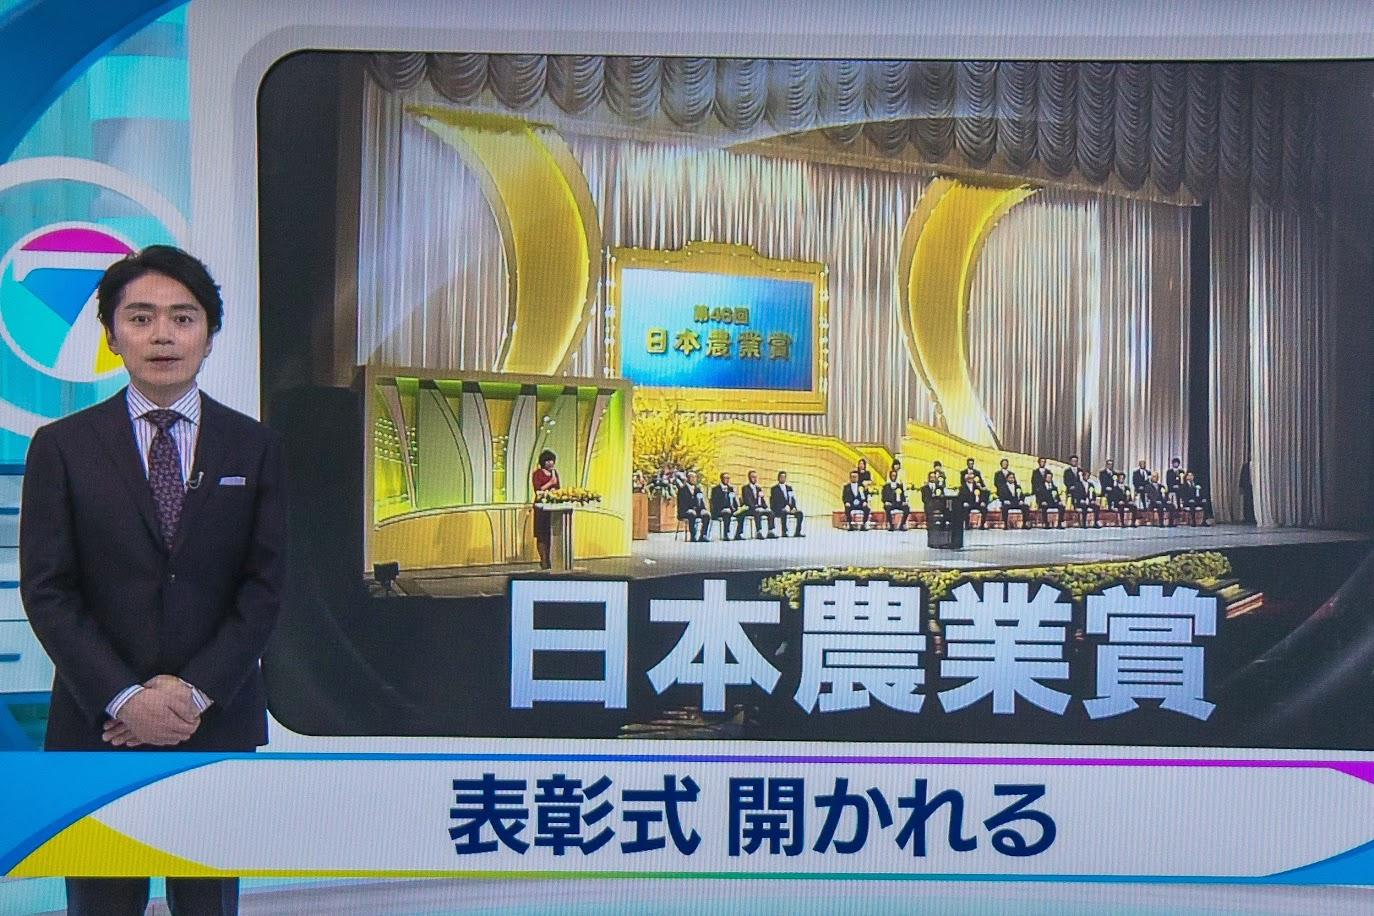 NHKニュース(午後7時20分頃)